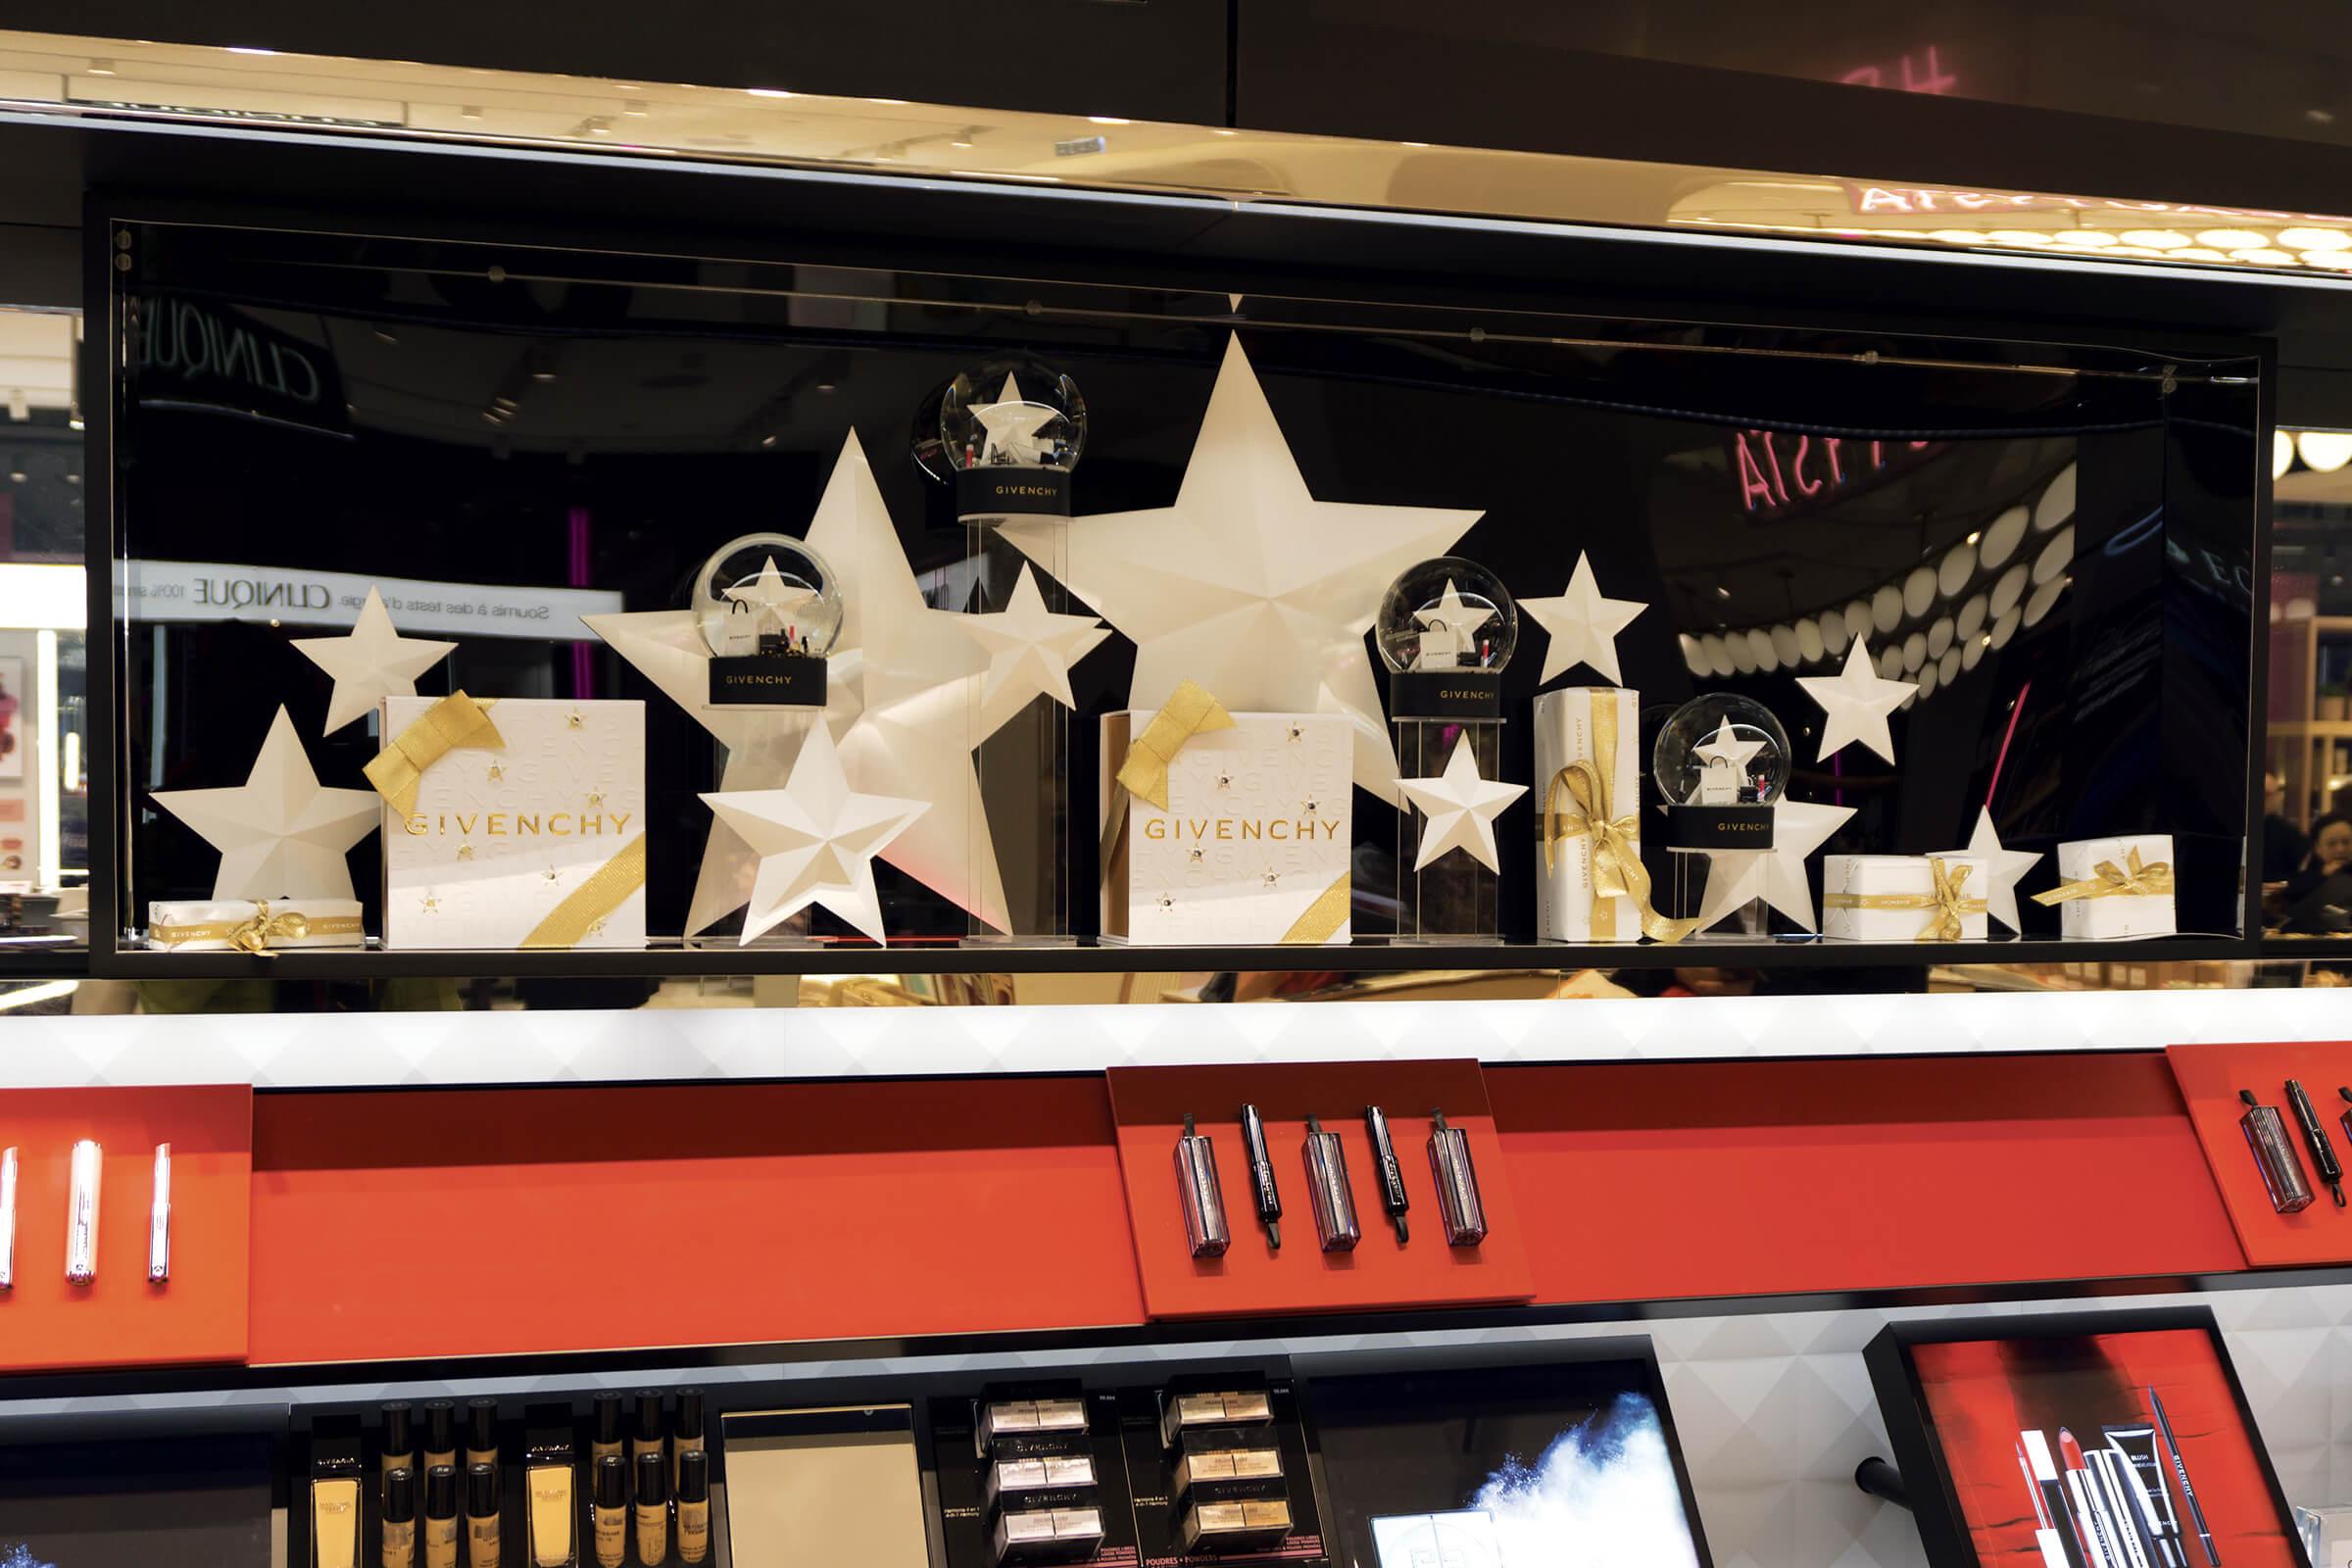 PLV cosmétique Givenchy. Décoration de Noël (plv vitrine) : Etude, conception, fabrication et installation